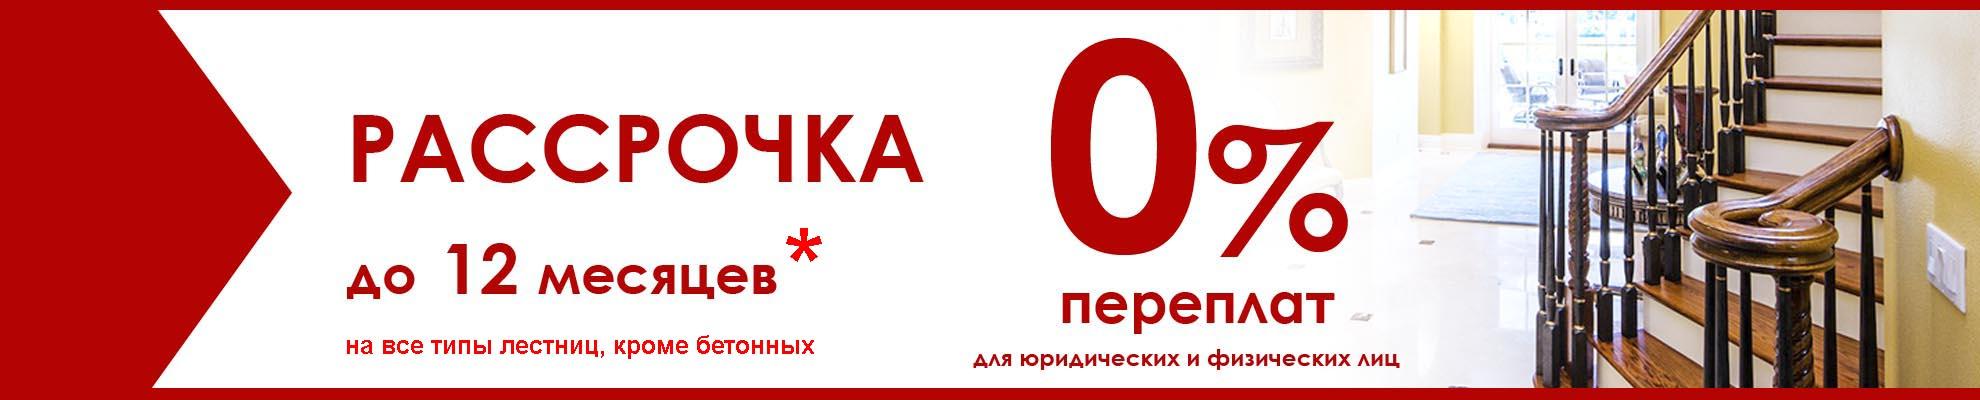 Rassrochka-na-lestnitsy-na-12-mesyatsev